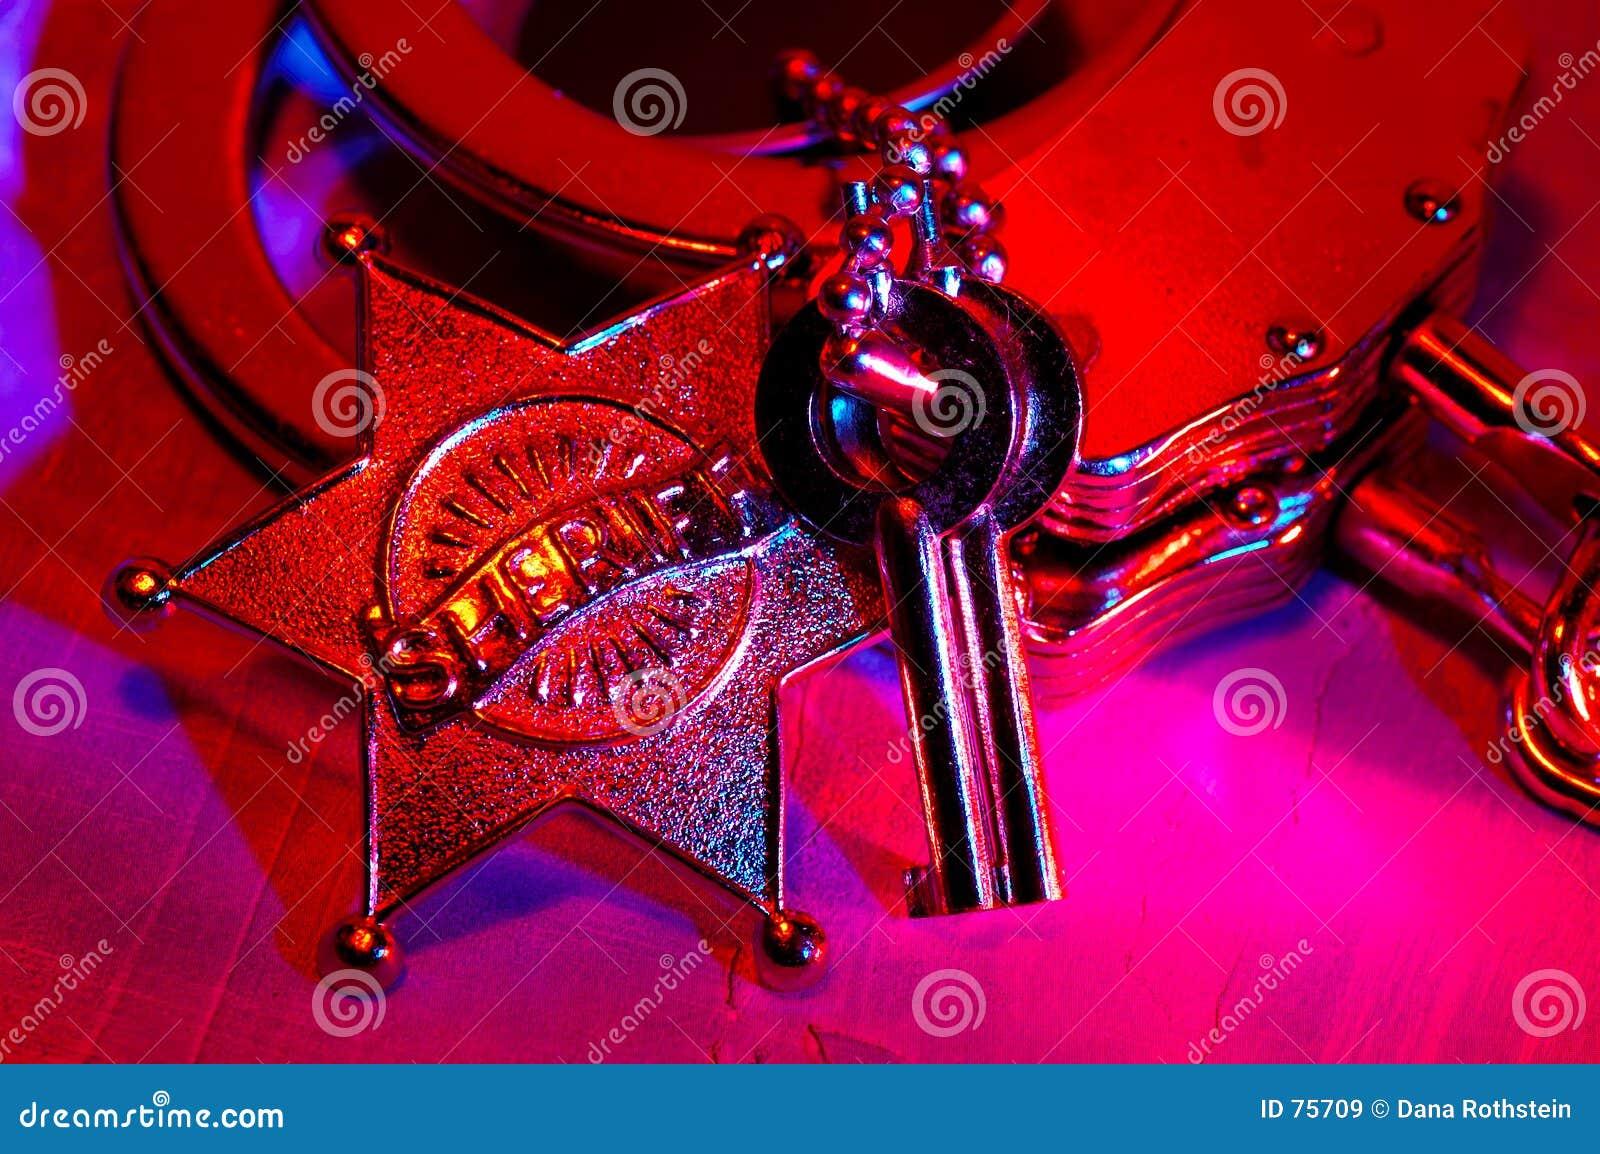 Handhaving 3 van de wet